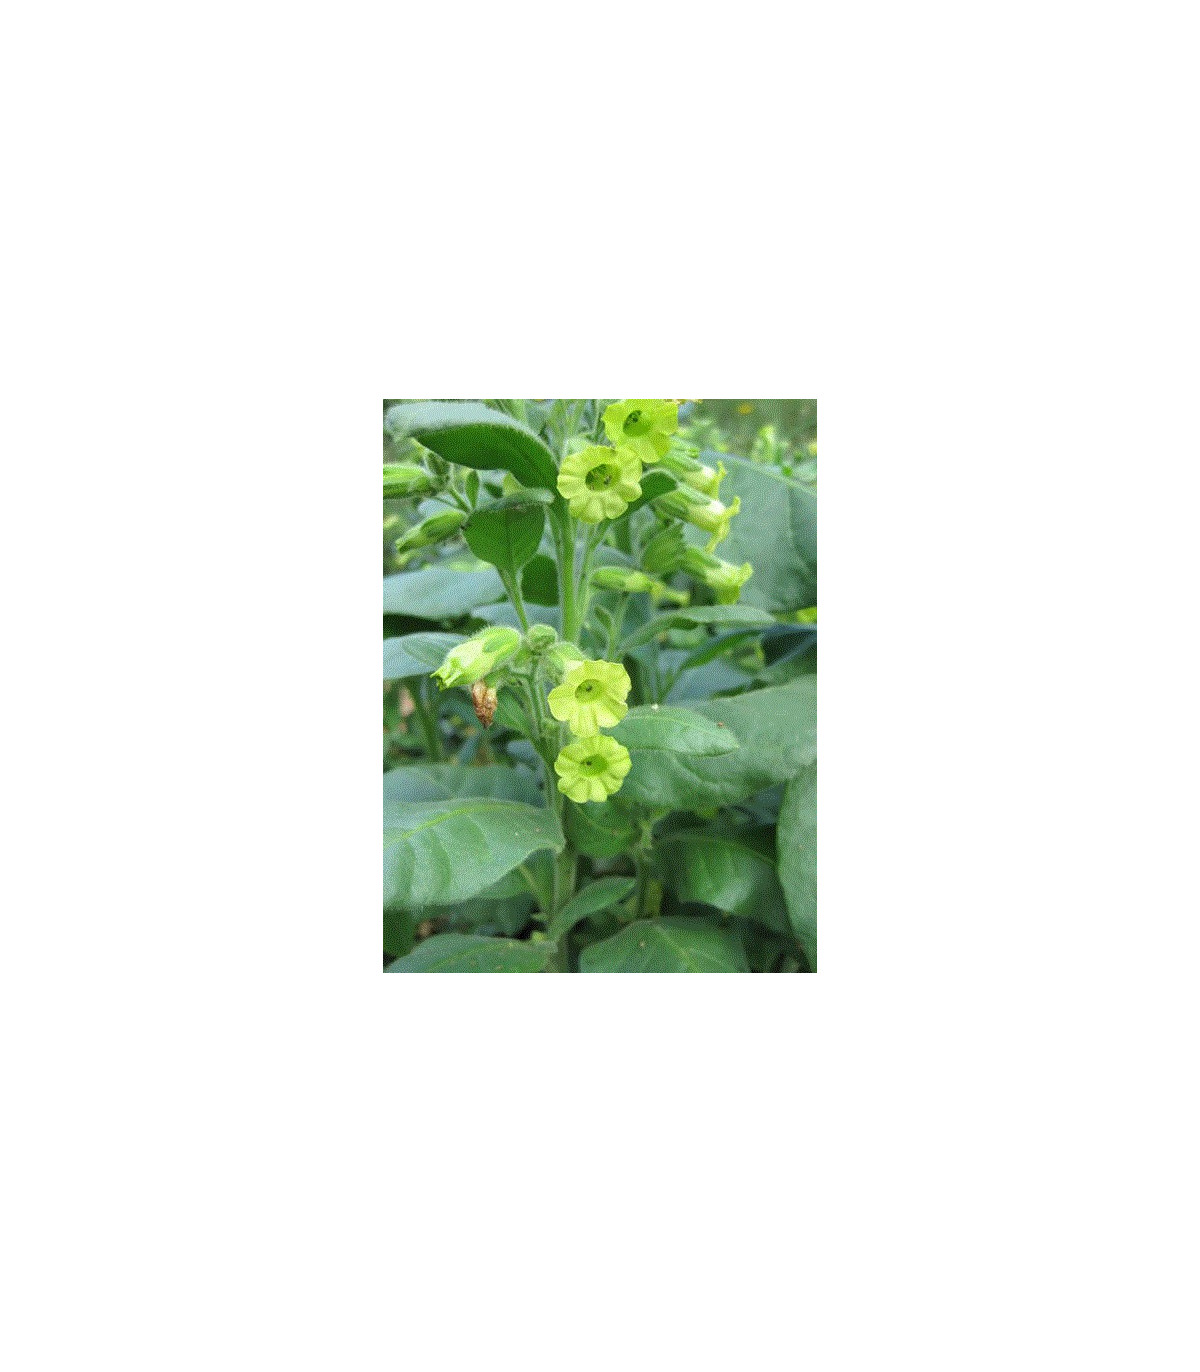 Tabák indiánský slavnostní - semena Nicotiana rustica sacred - 50 ks